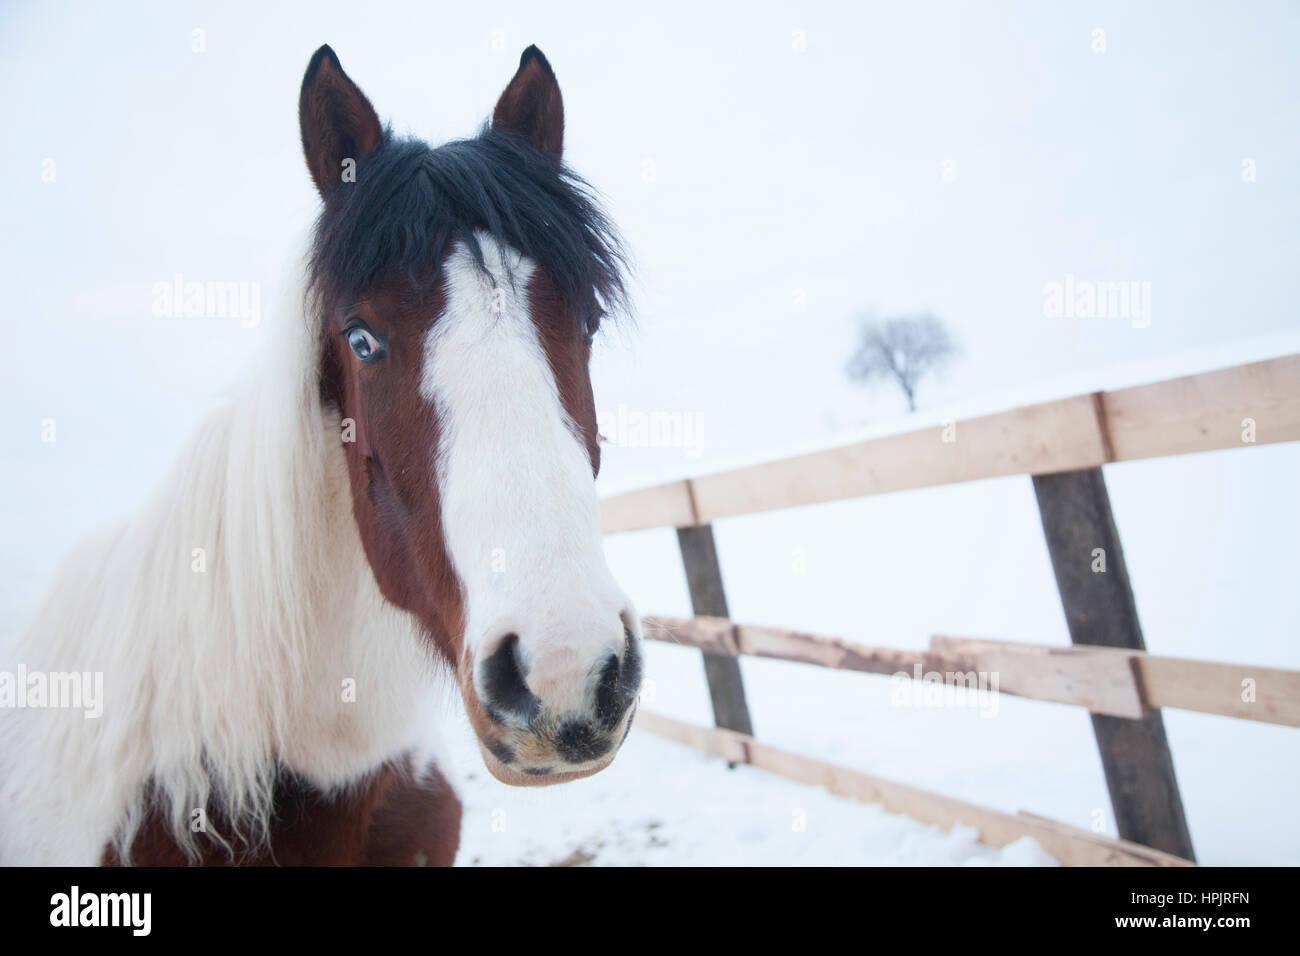 Lackierten Amerikanischen Pferd Mit Braun Blaue Augen Und